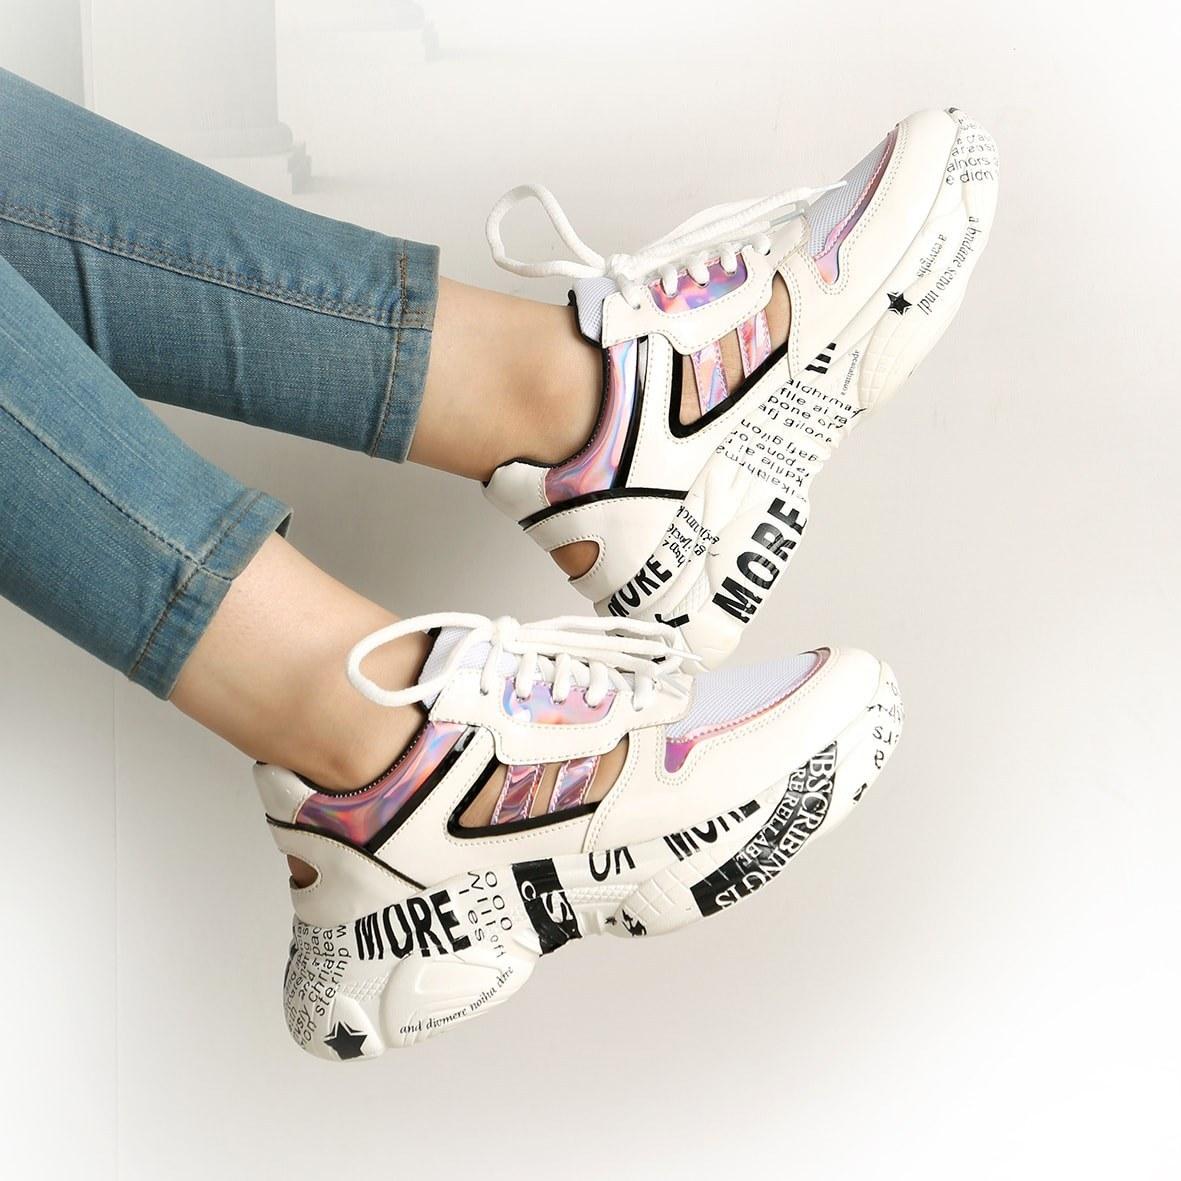 کفش زنانه اسپرت 2 خط روزنامه سفید | Newspaper 2 White Line Women's Sport Shoes